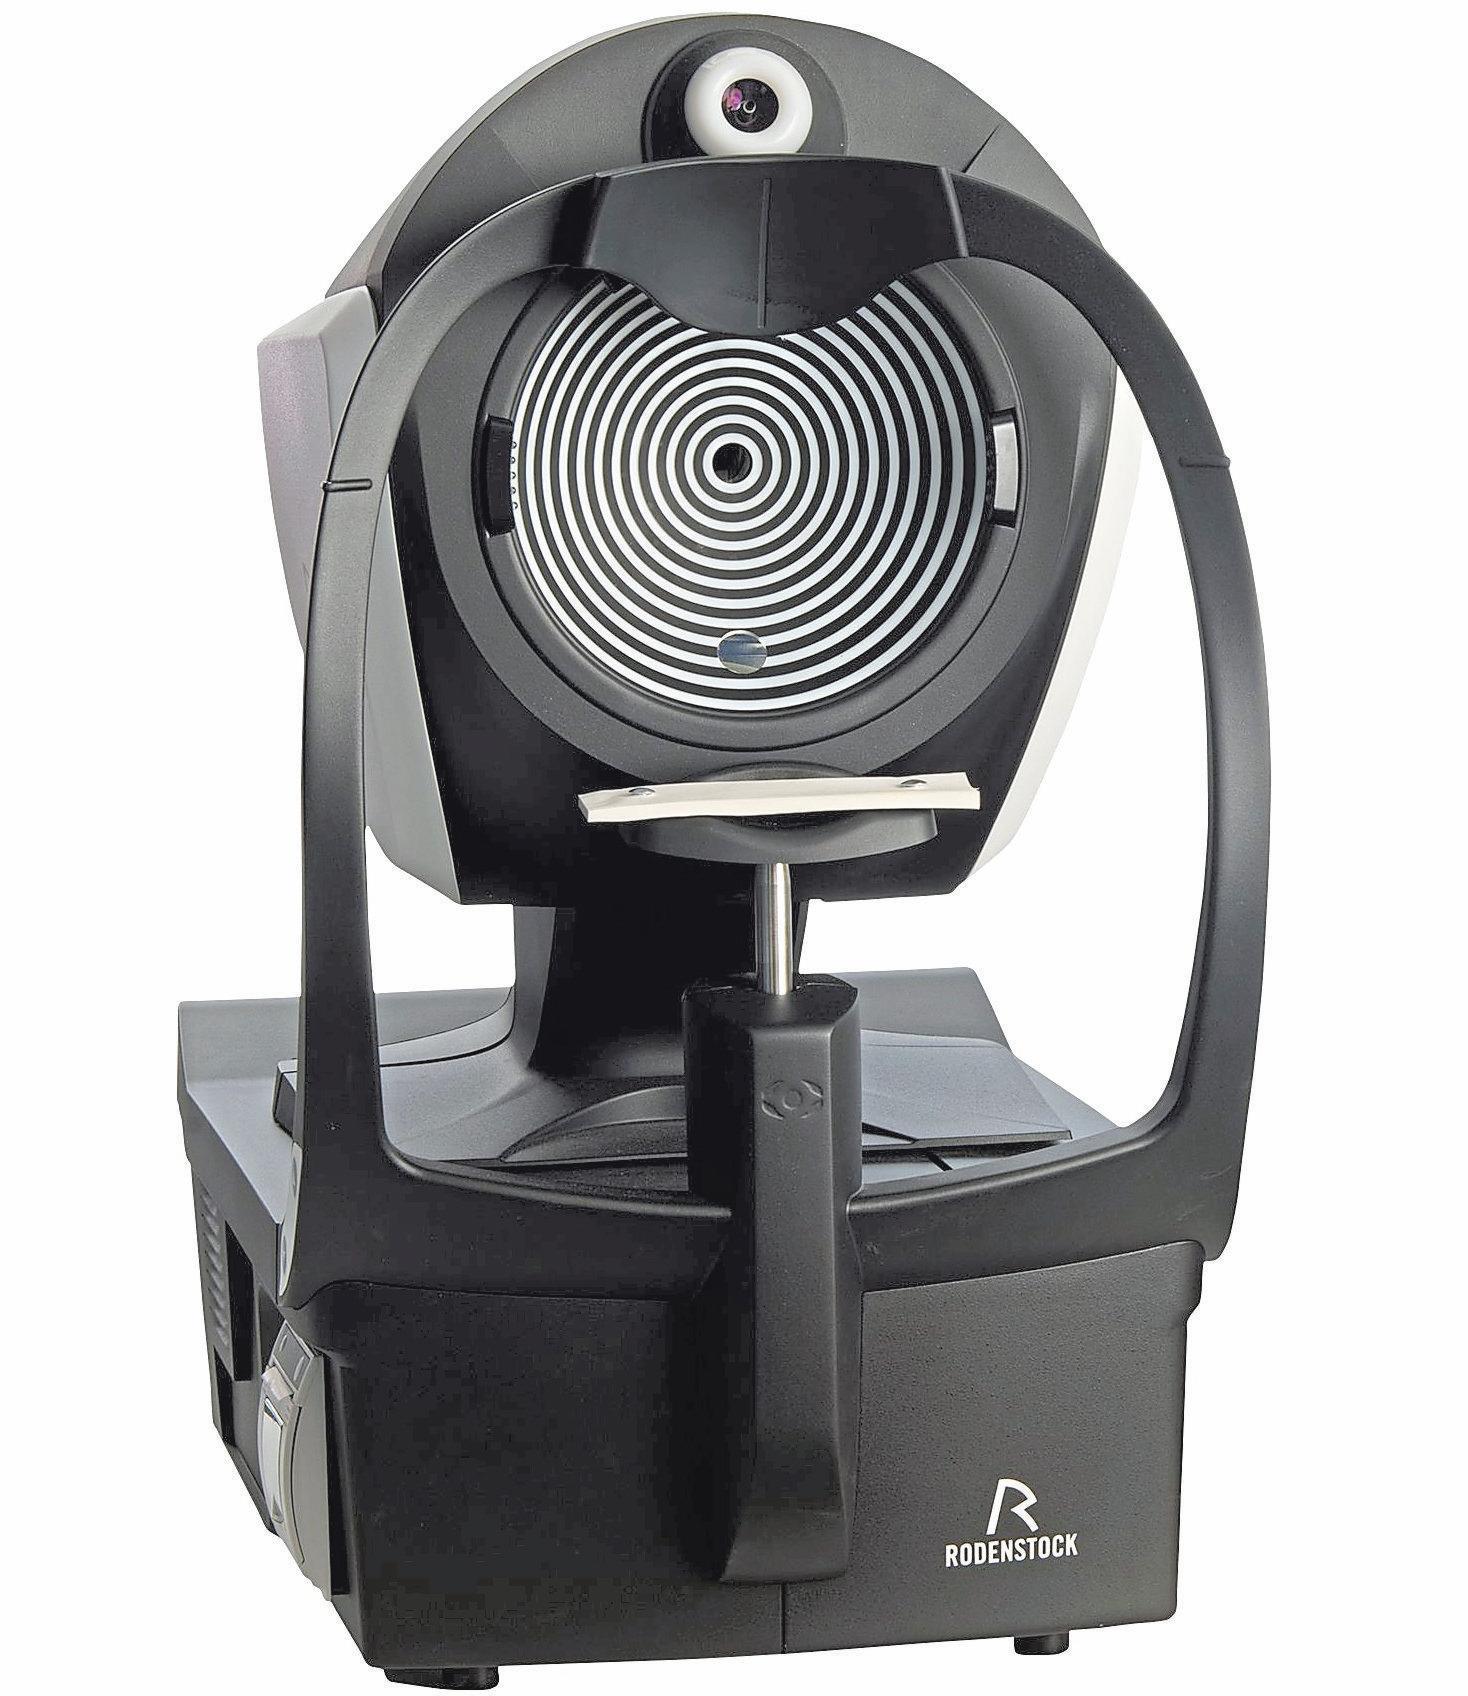 Der DNEye-Scanner 2+ von Rodenstock: 7000 Messpunkte für ein individuellesBrillenglas.